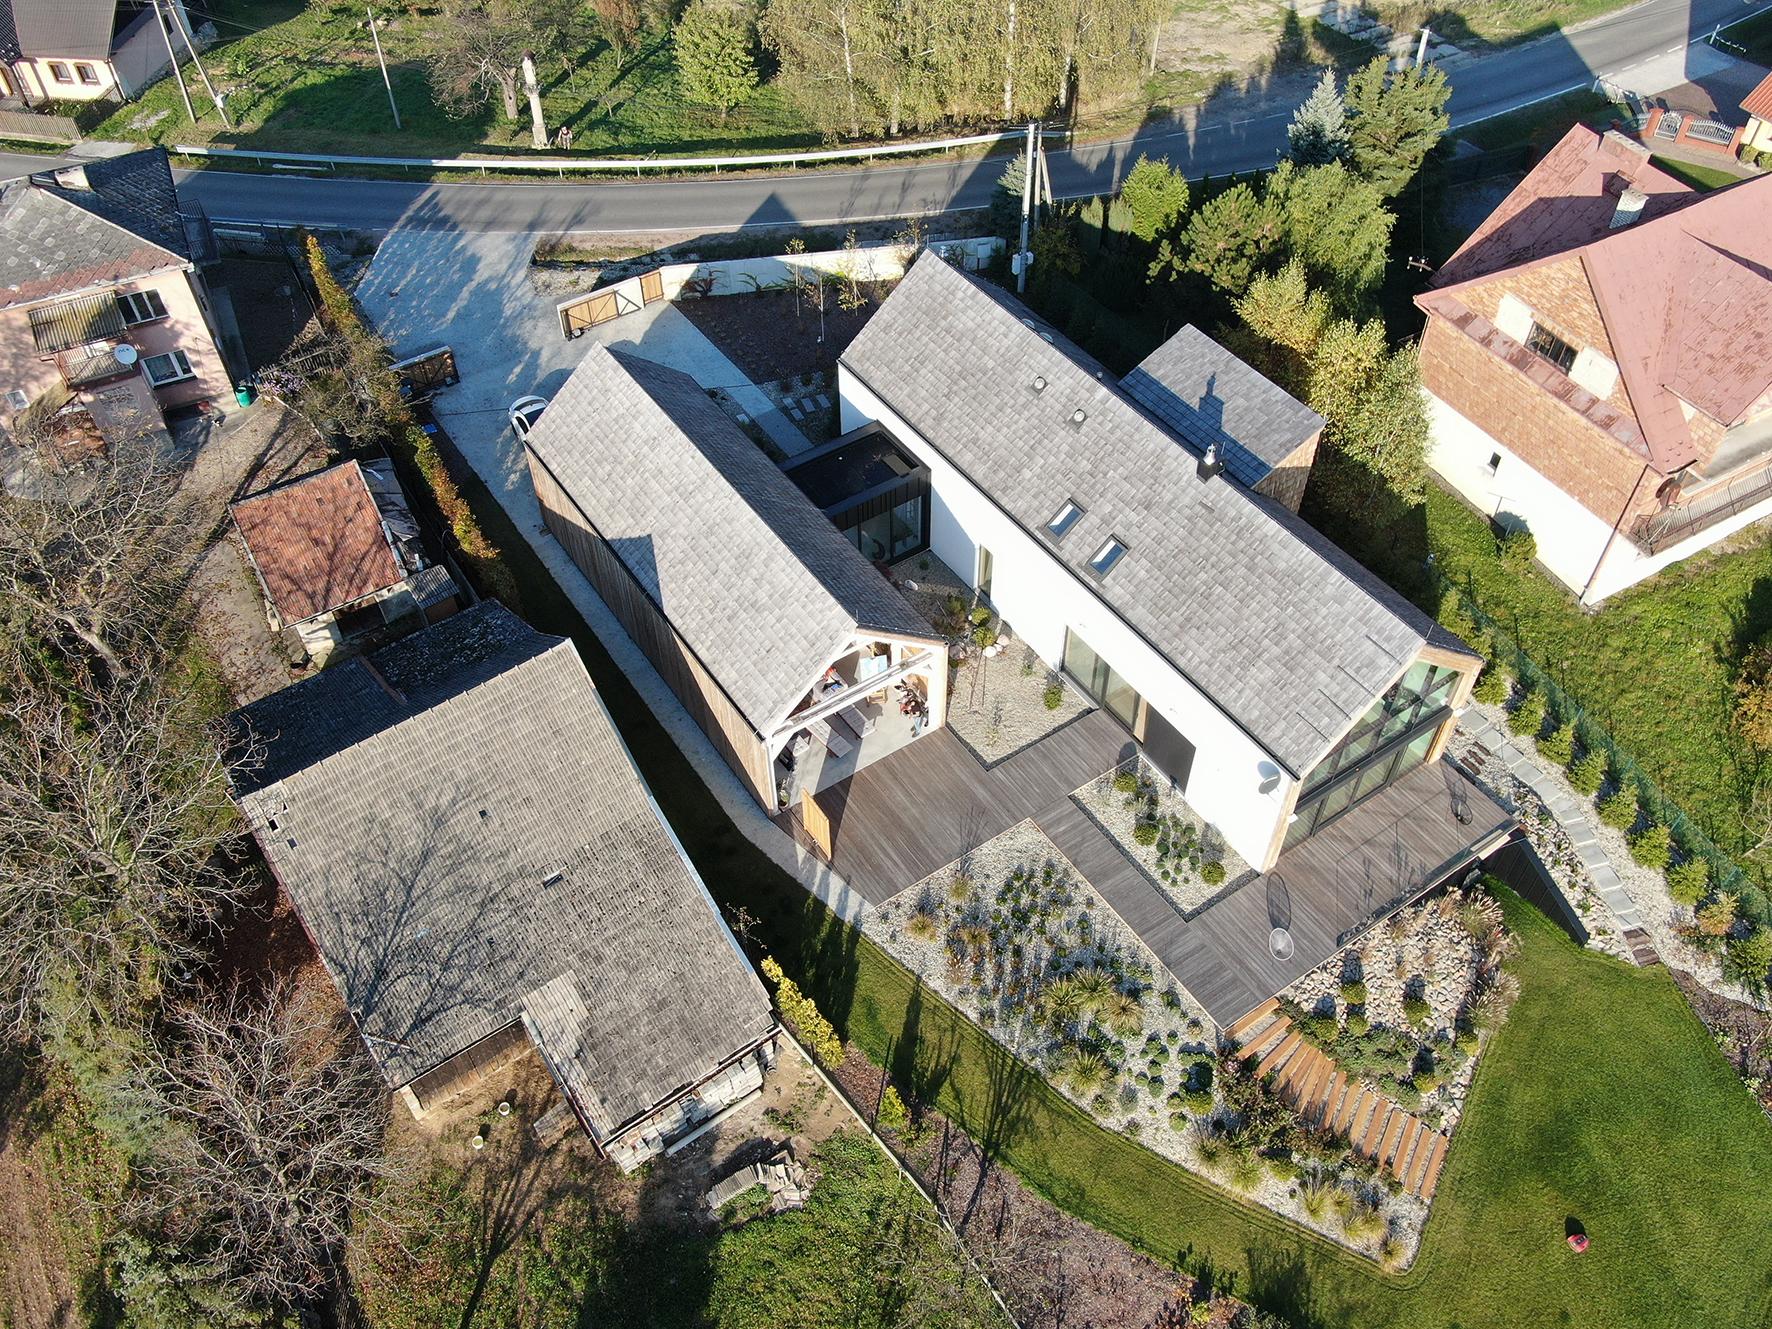 Dom jednorodzinny na obszarze wiejskim w Bochni